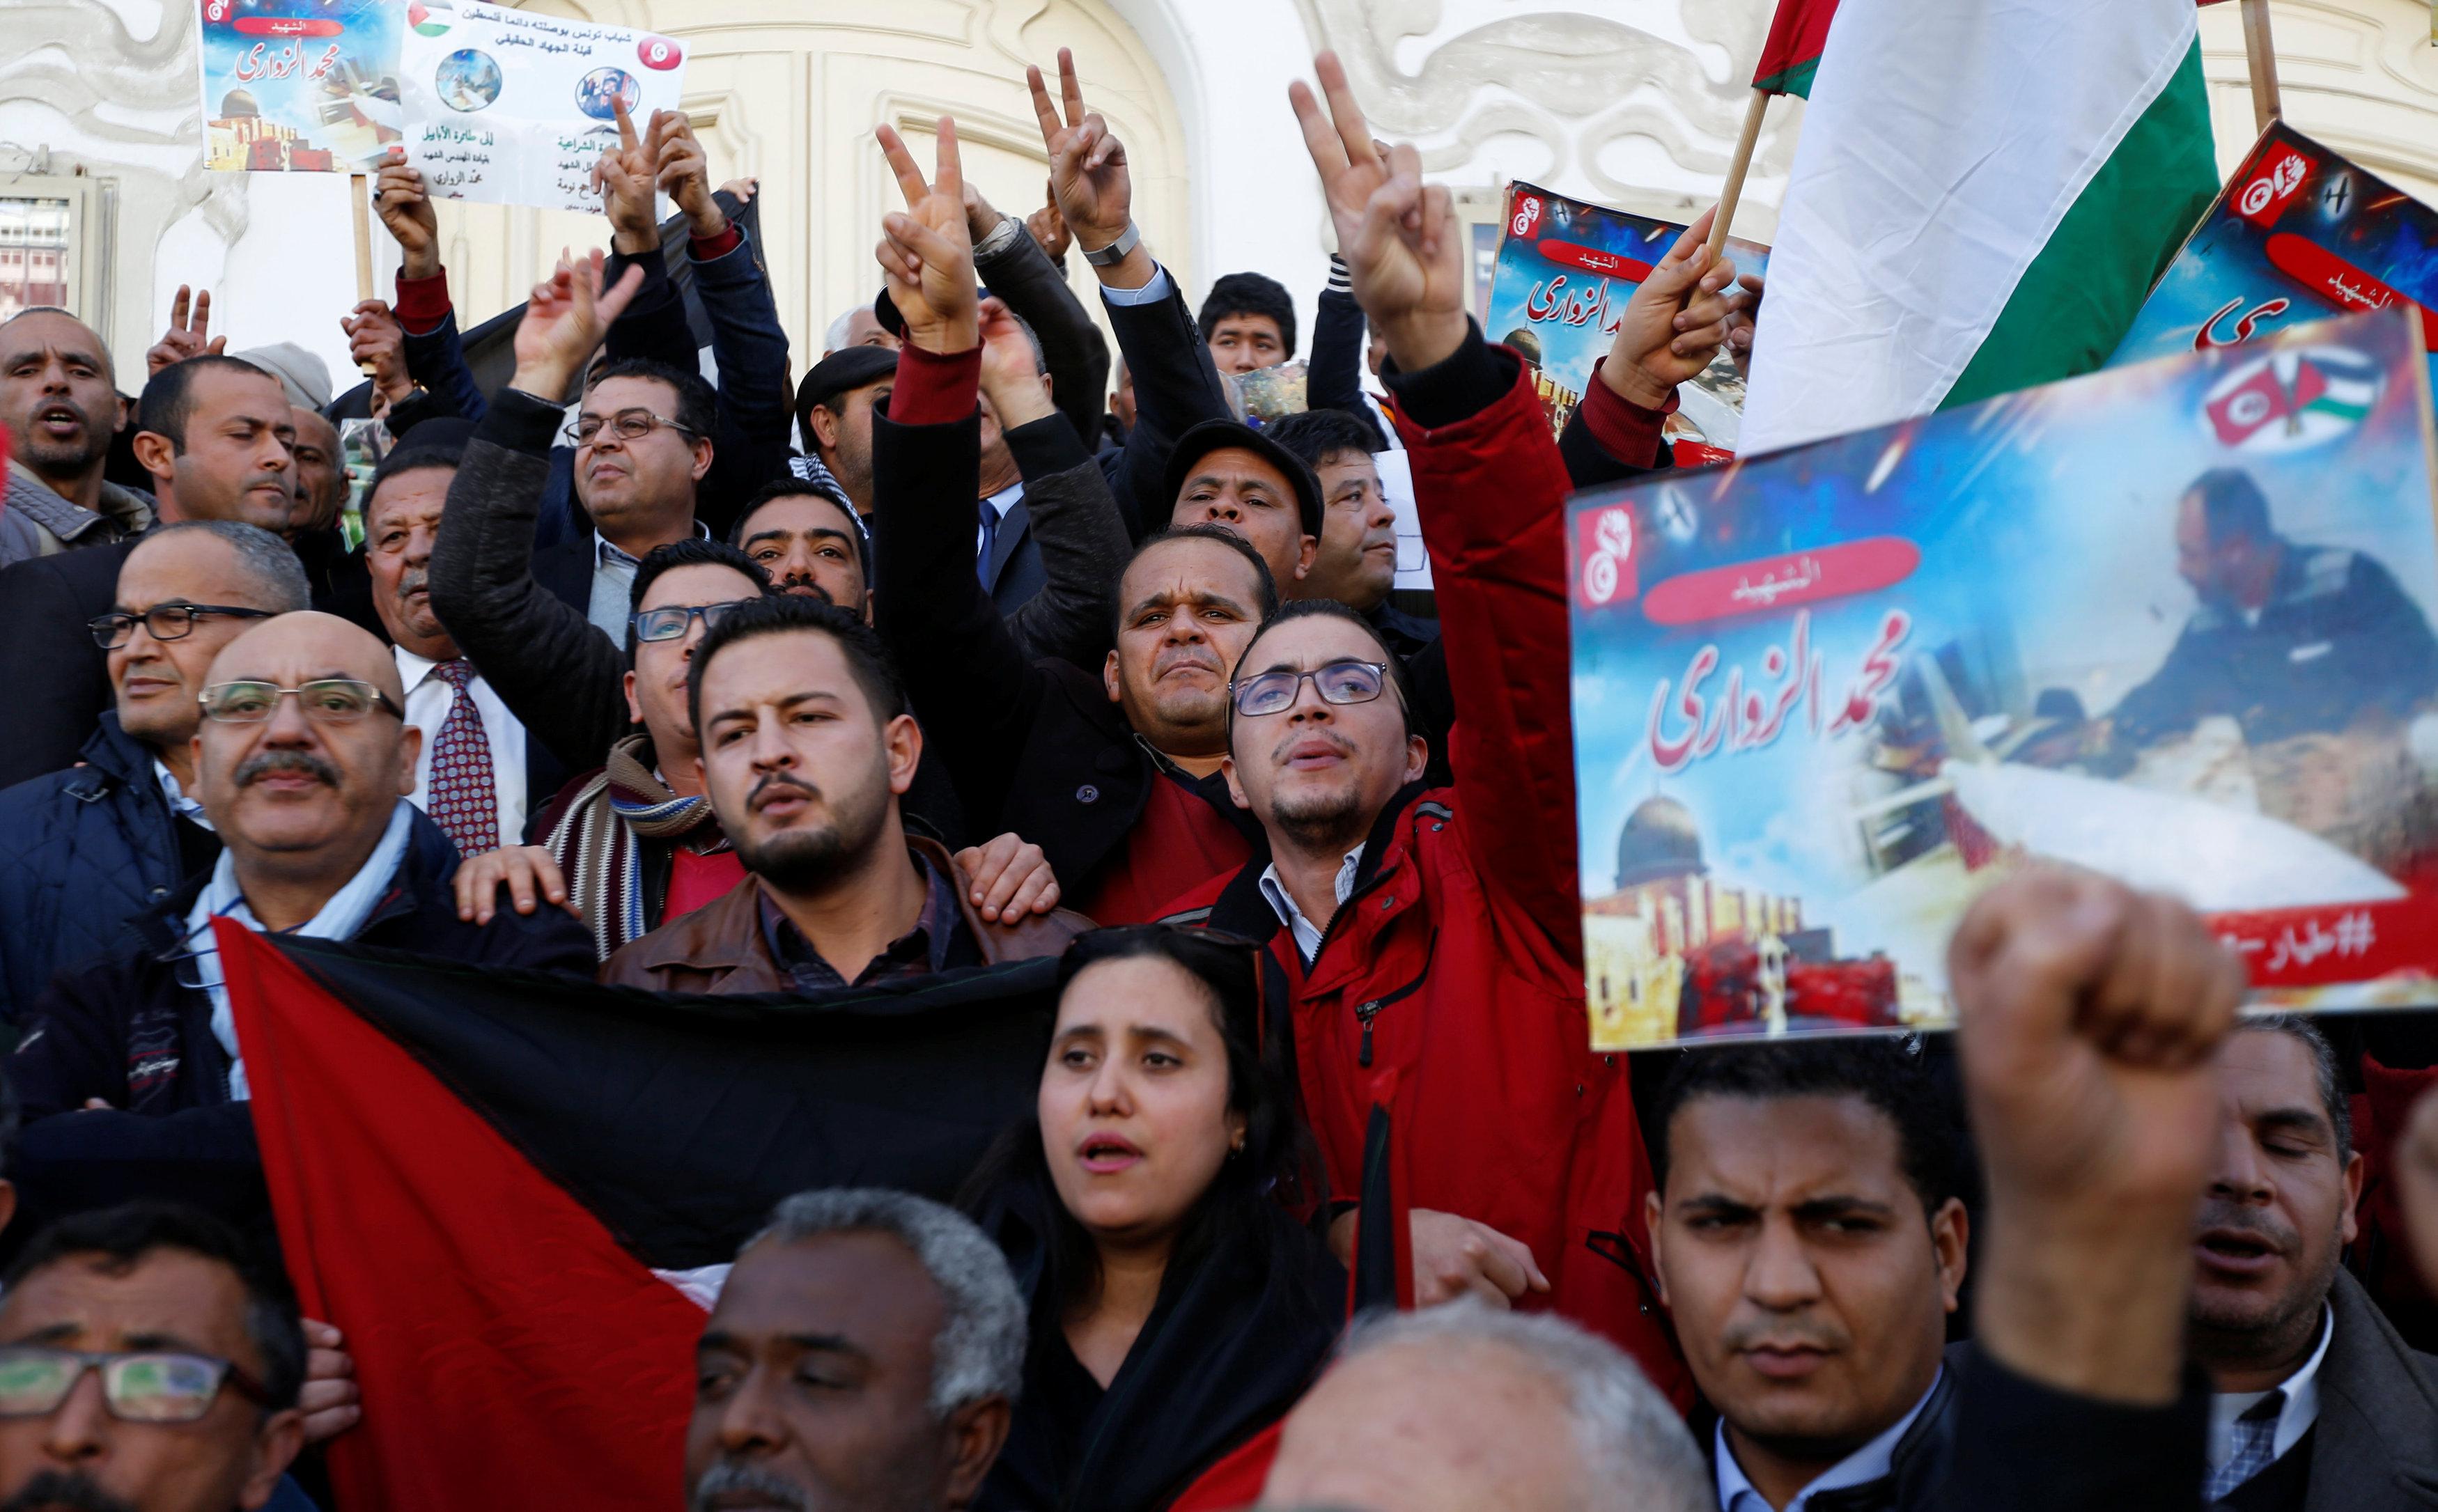 مظاهرة فى تونس تنديدا تنديدا باغتيال مهندس الطيران التونسى محمد الزوارى